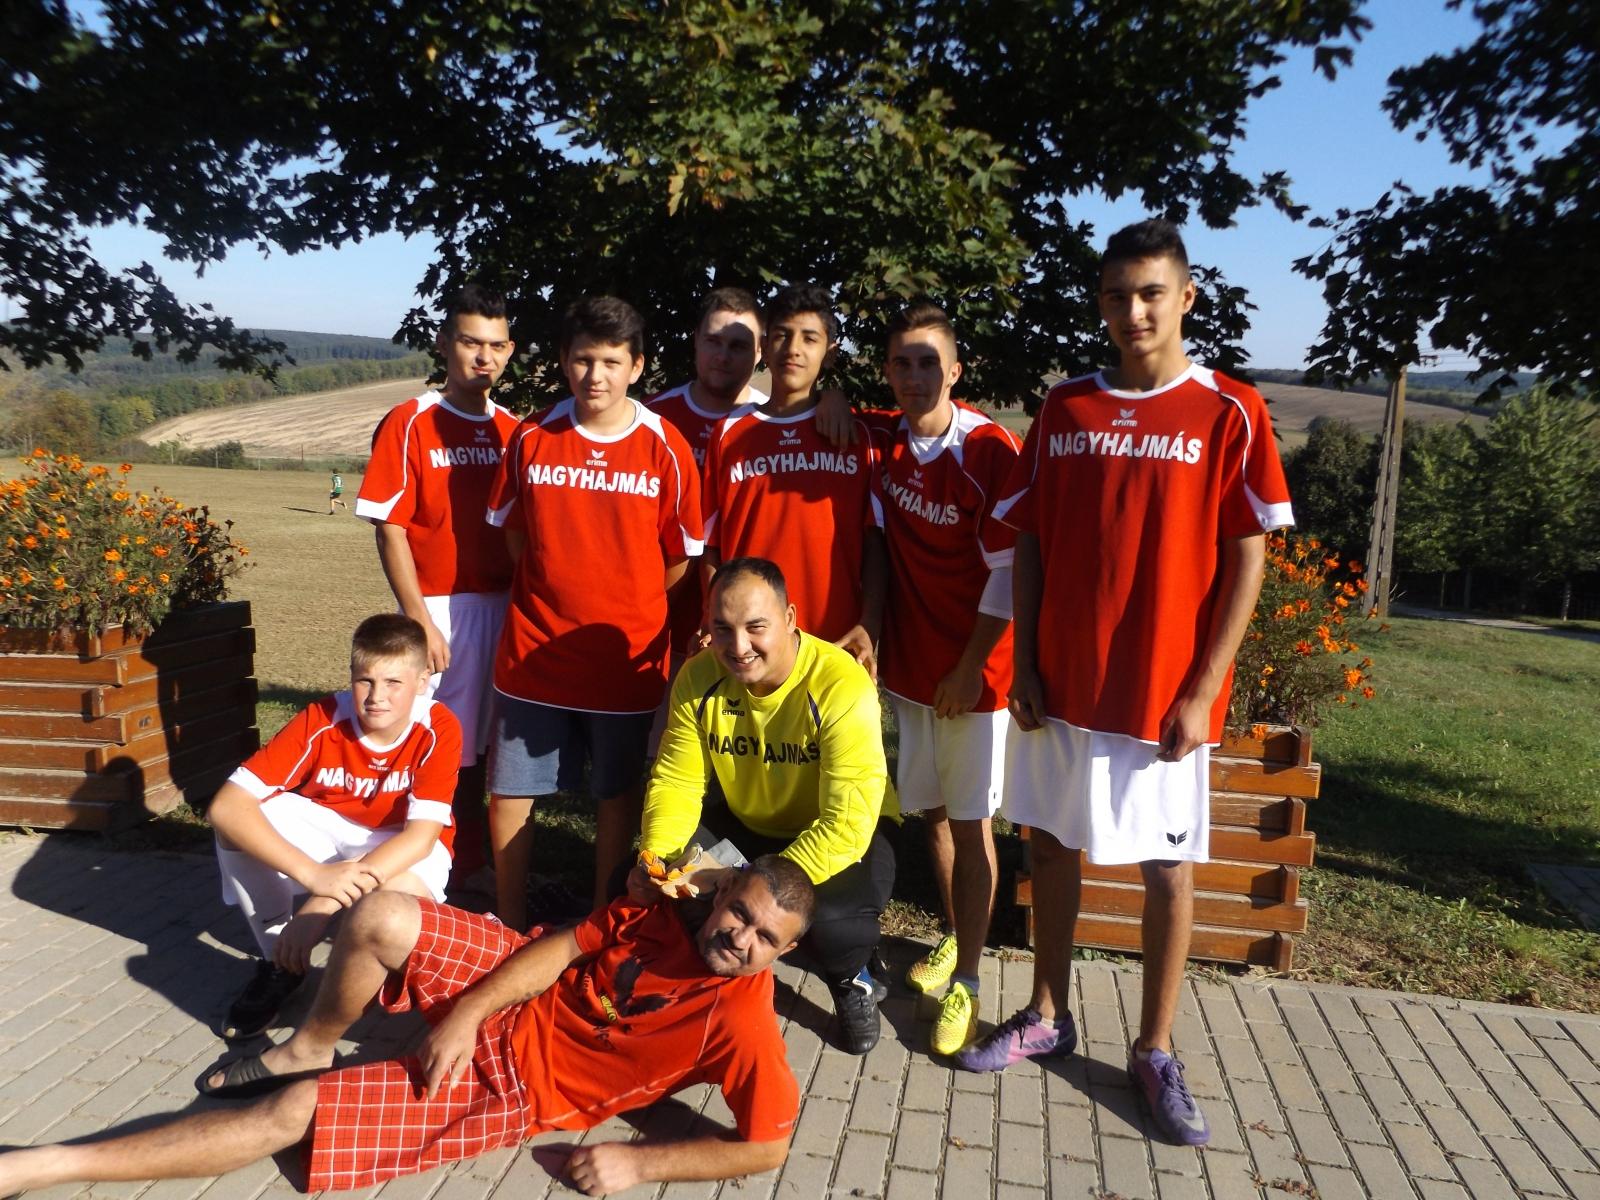 Tematikus-Sportnap-2019.09.14-Nagyhajmás-8